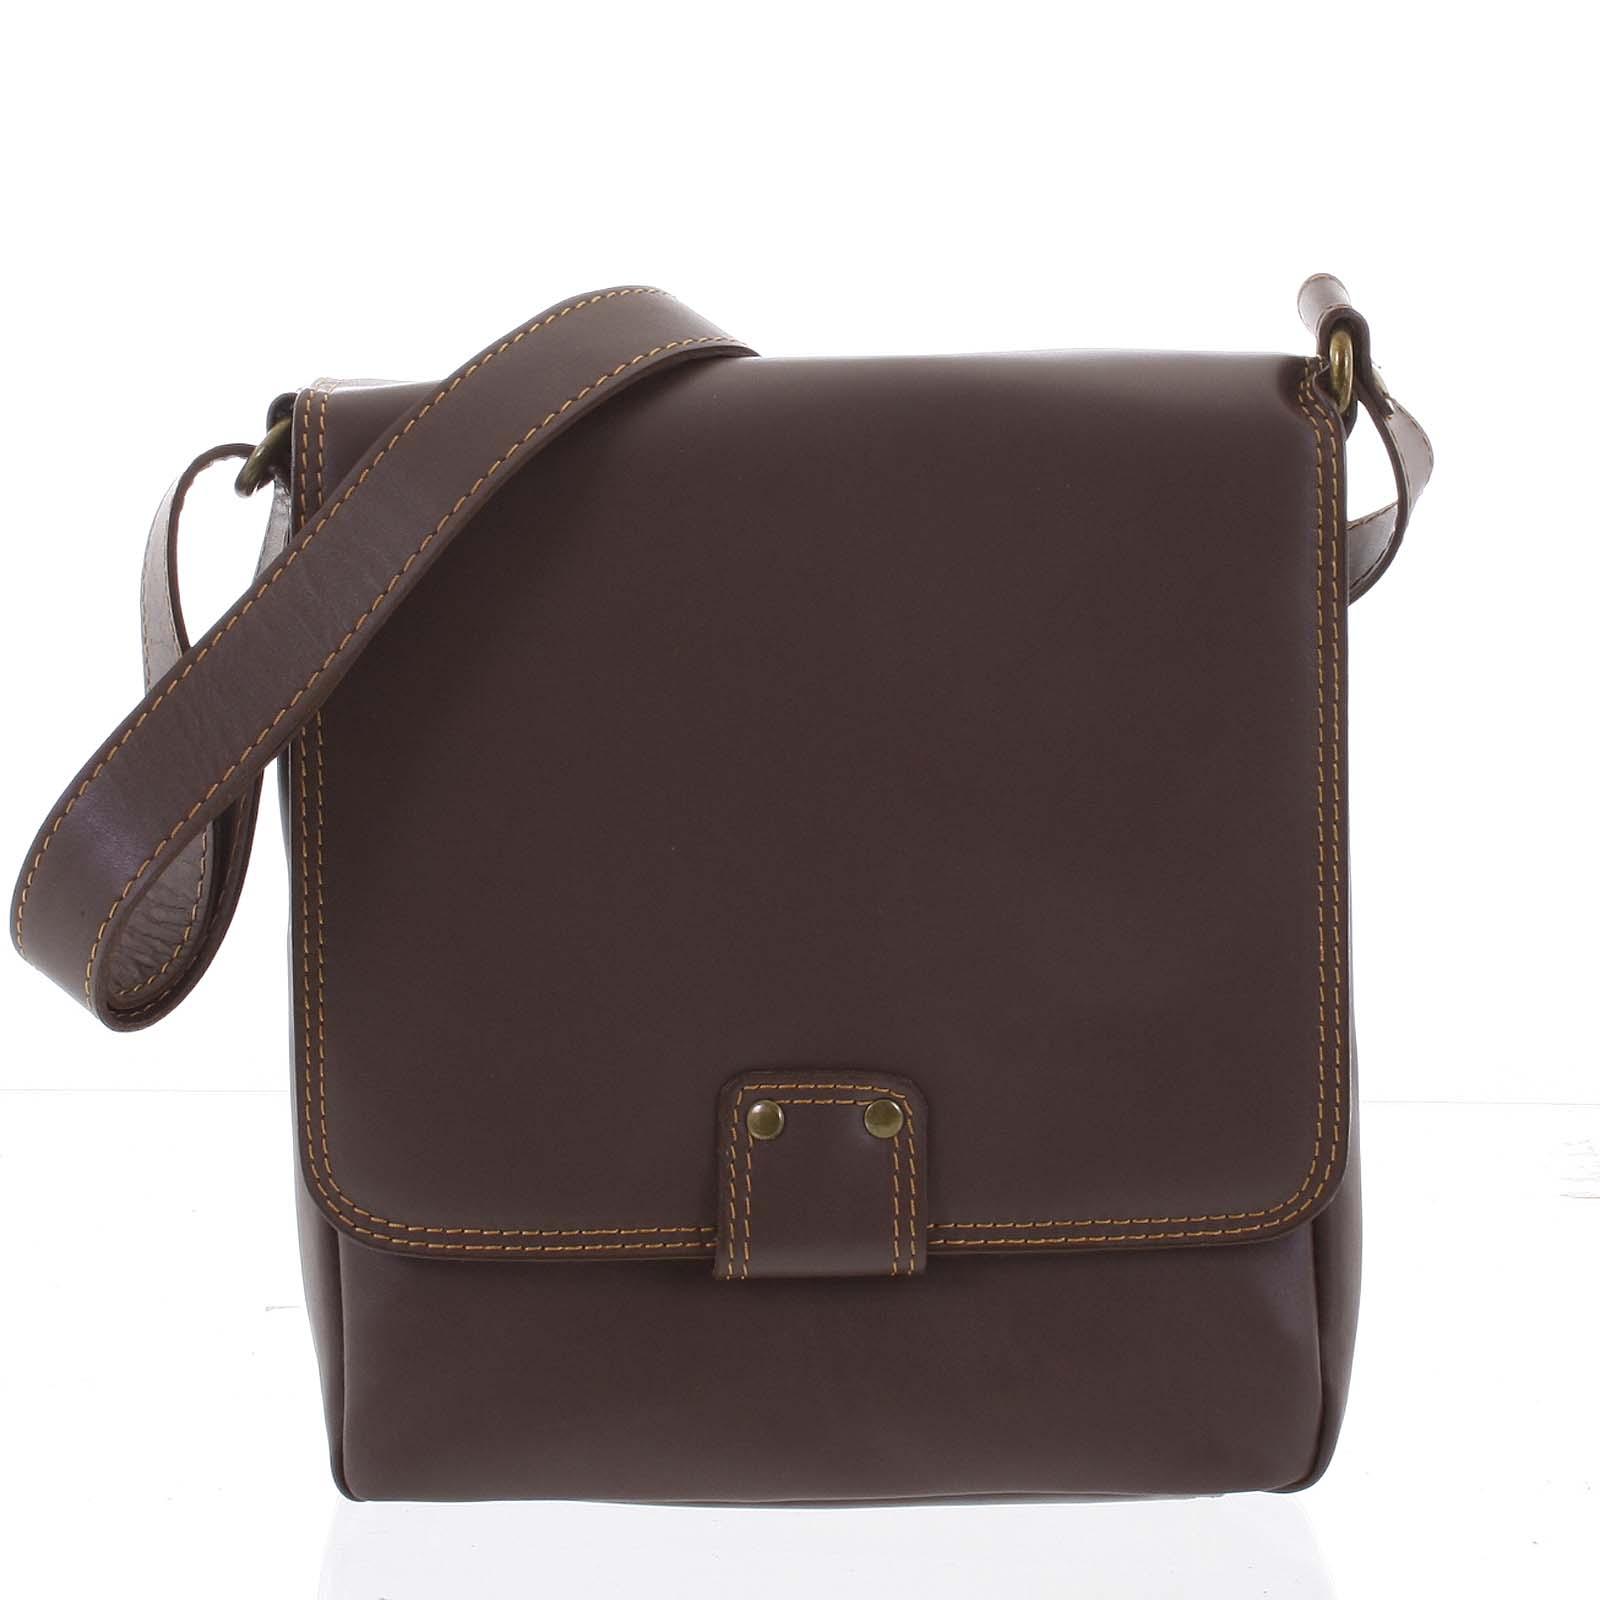 Luxusná kožená taška cez plece orieškovo hnedá - ItalY Tristen